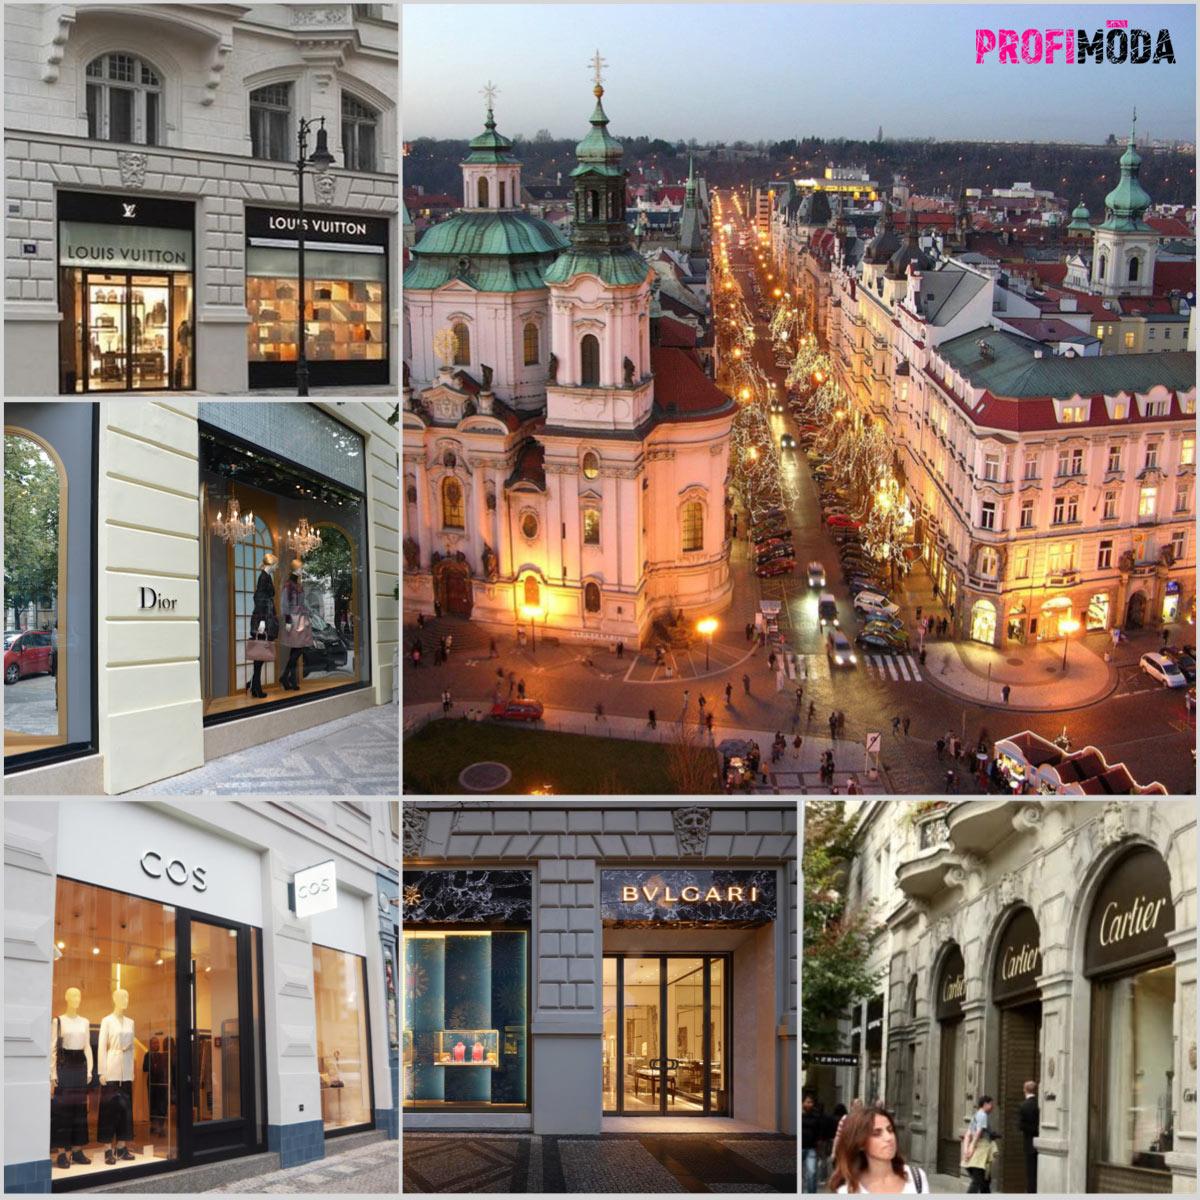 Pařížská ulice je srdcem luxusu v Praze.